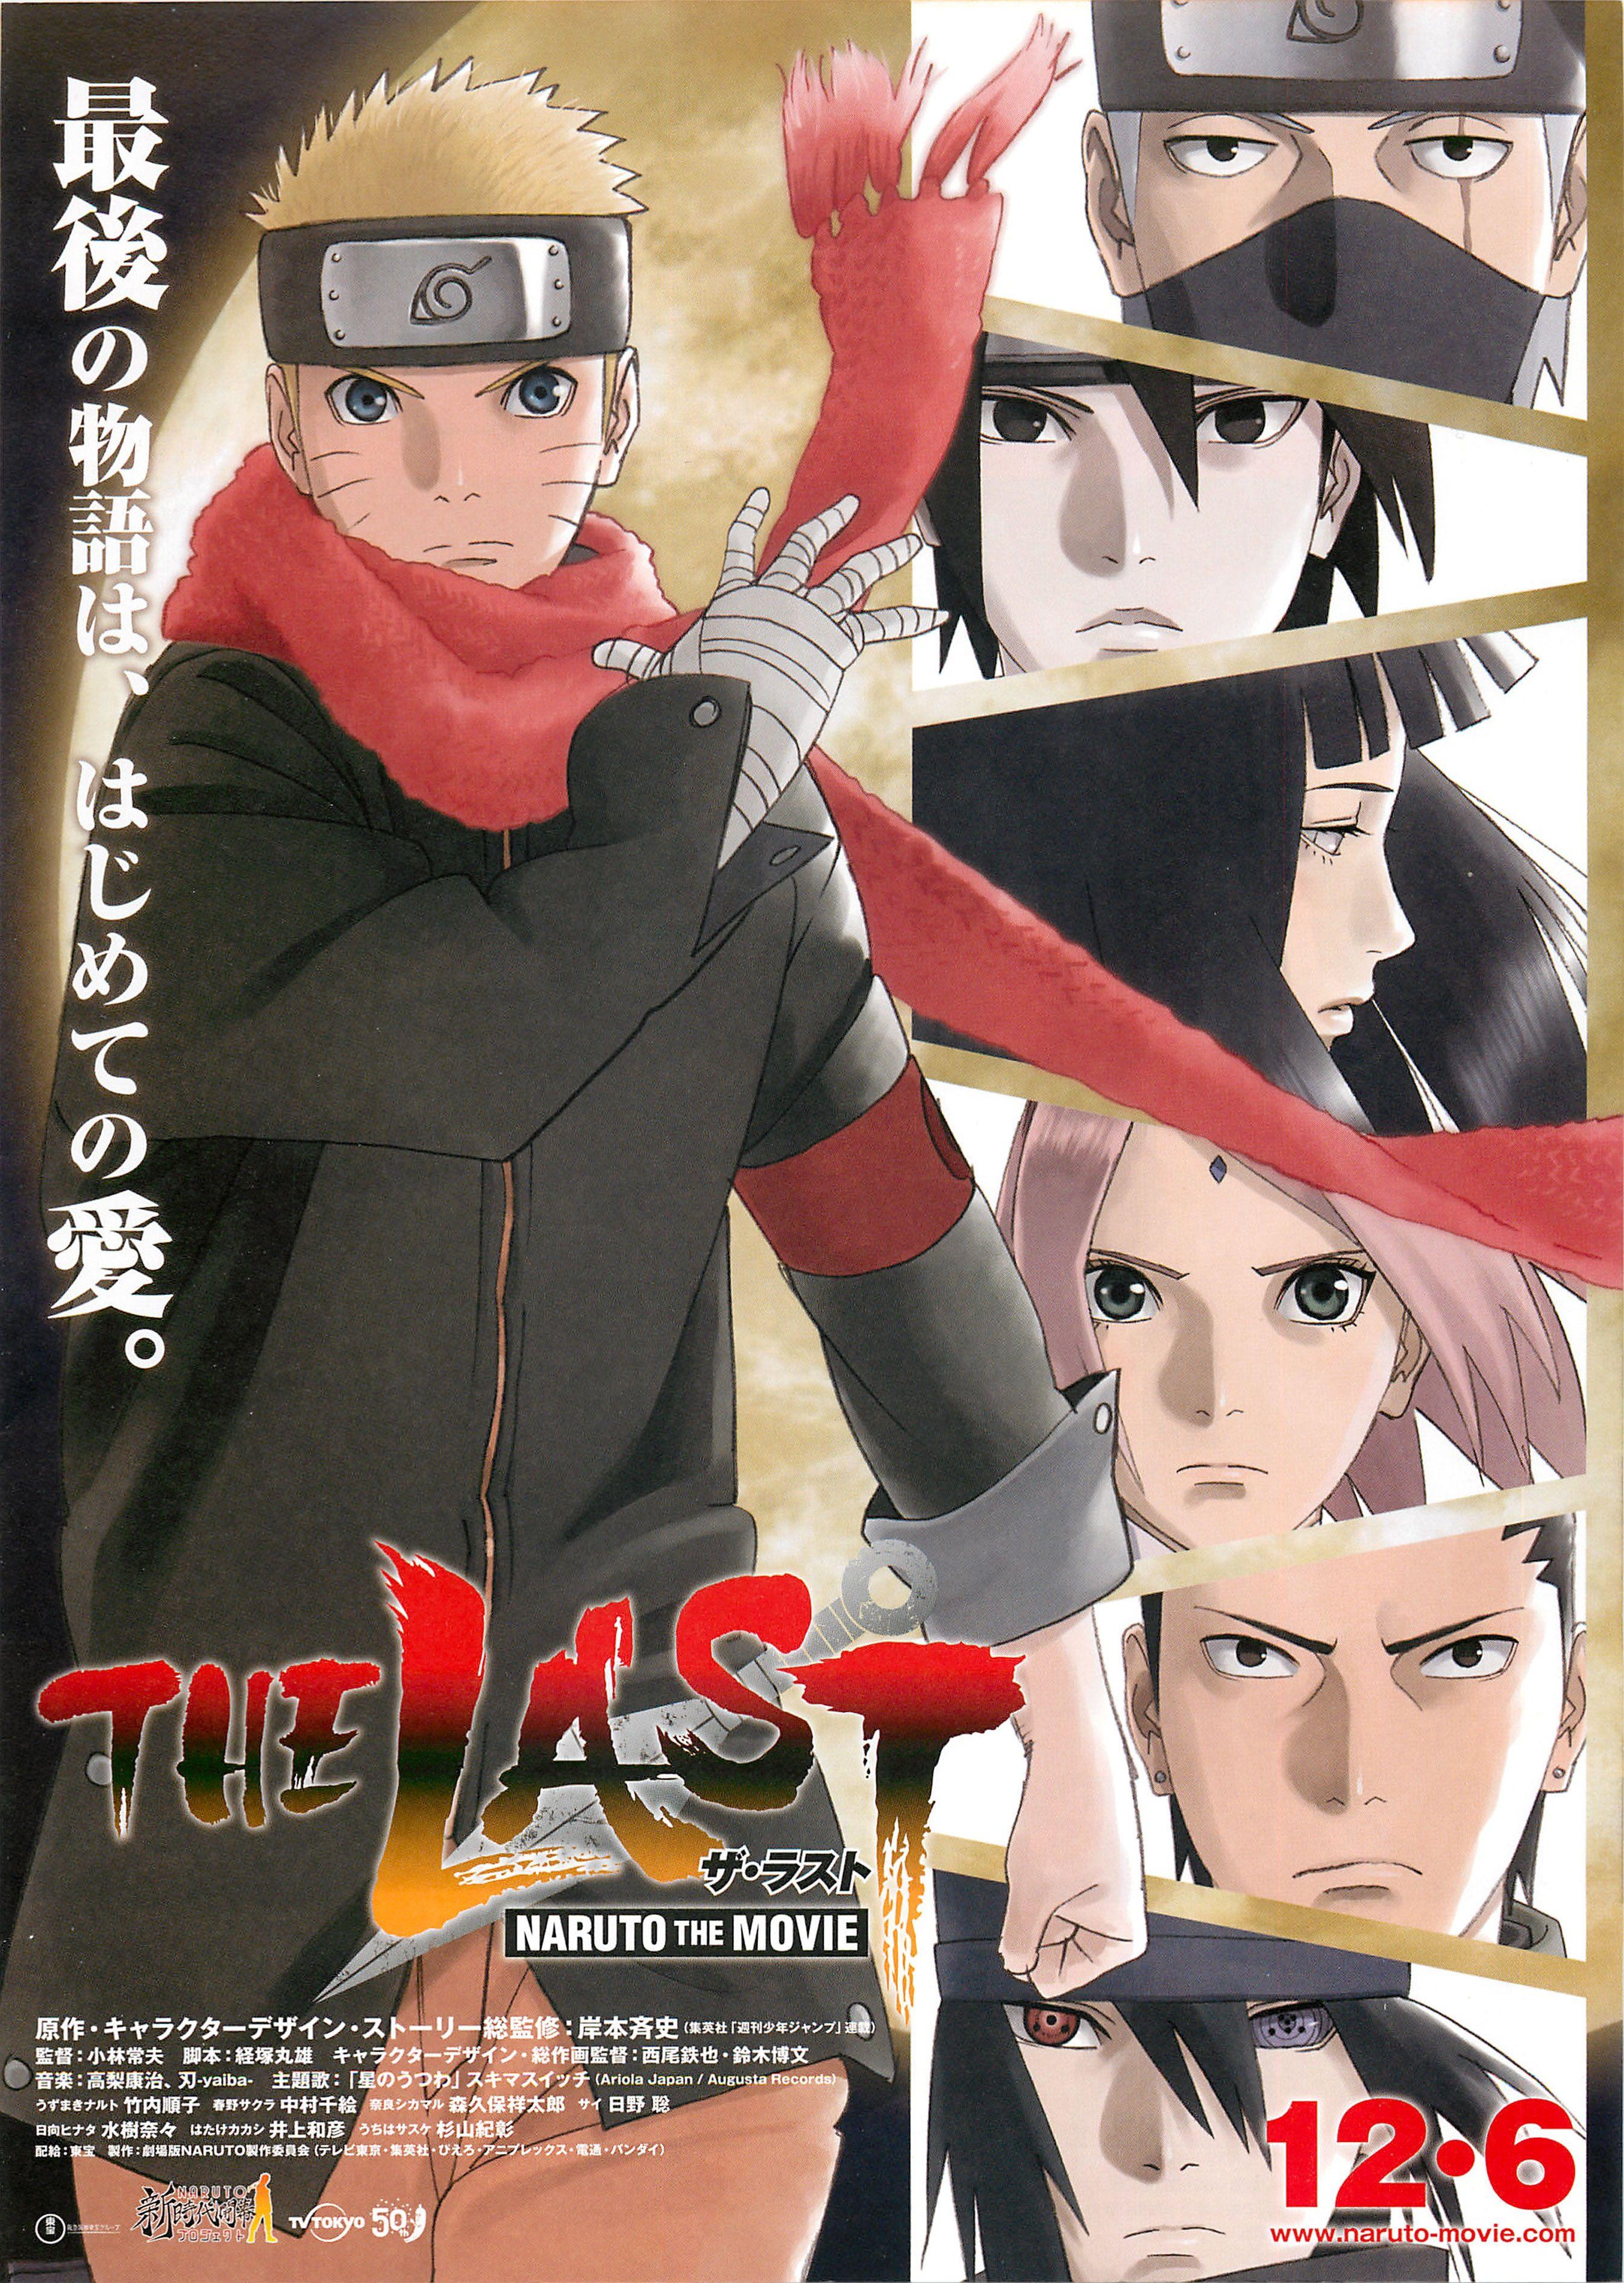 Naruto Full 1811877 Jpg 2 695 3 789 Pixels Naruto Filme Naruto Naruto Shippuden